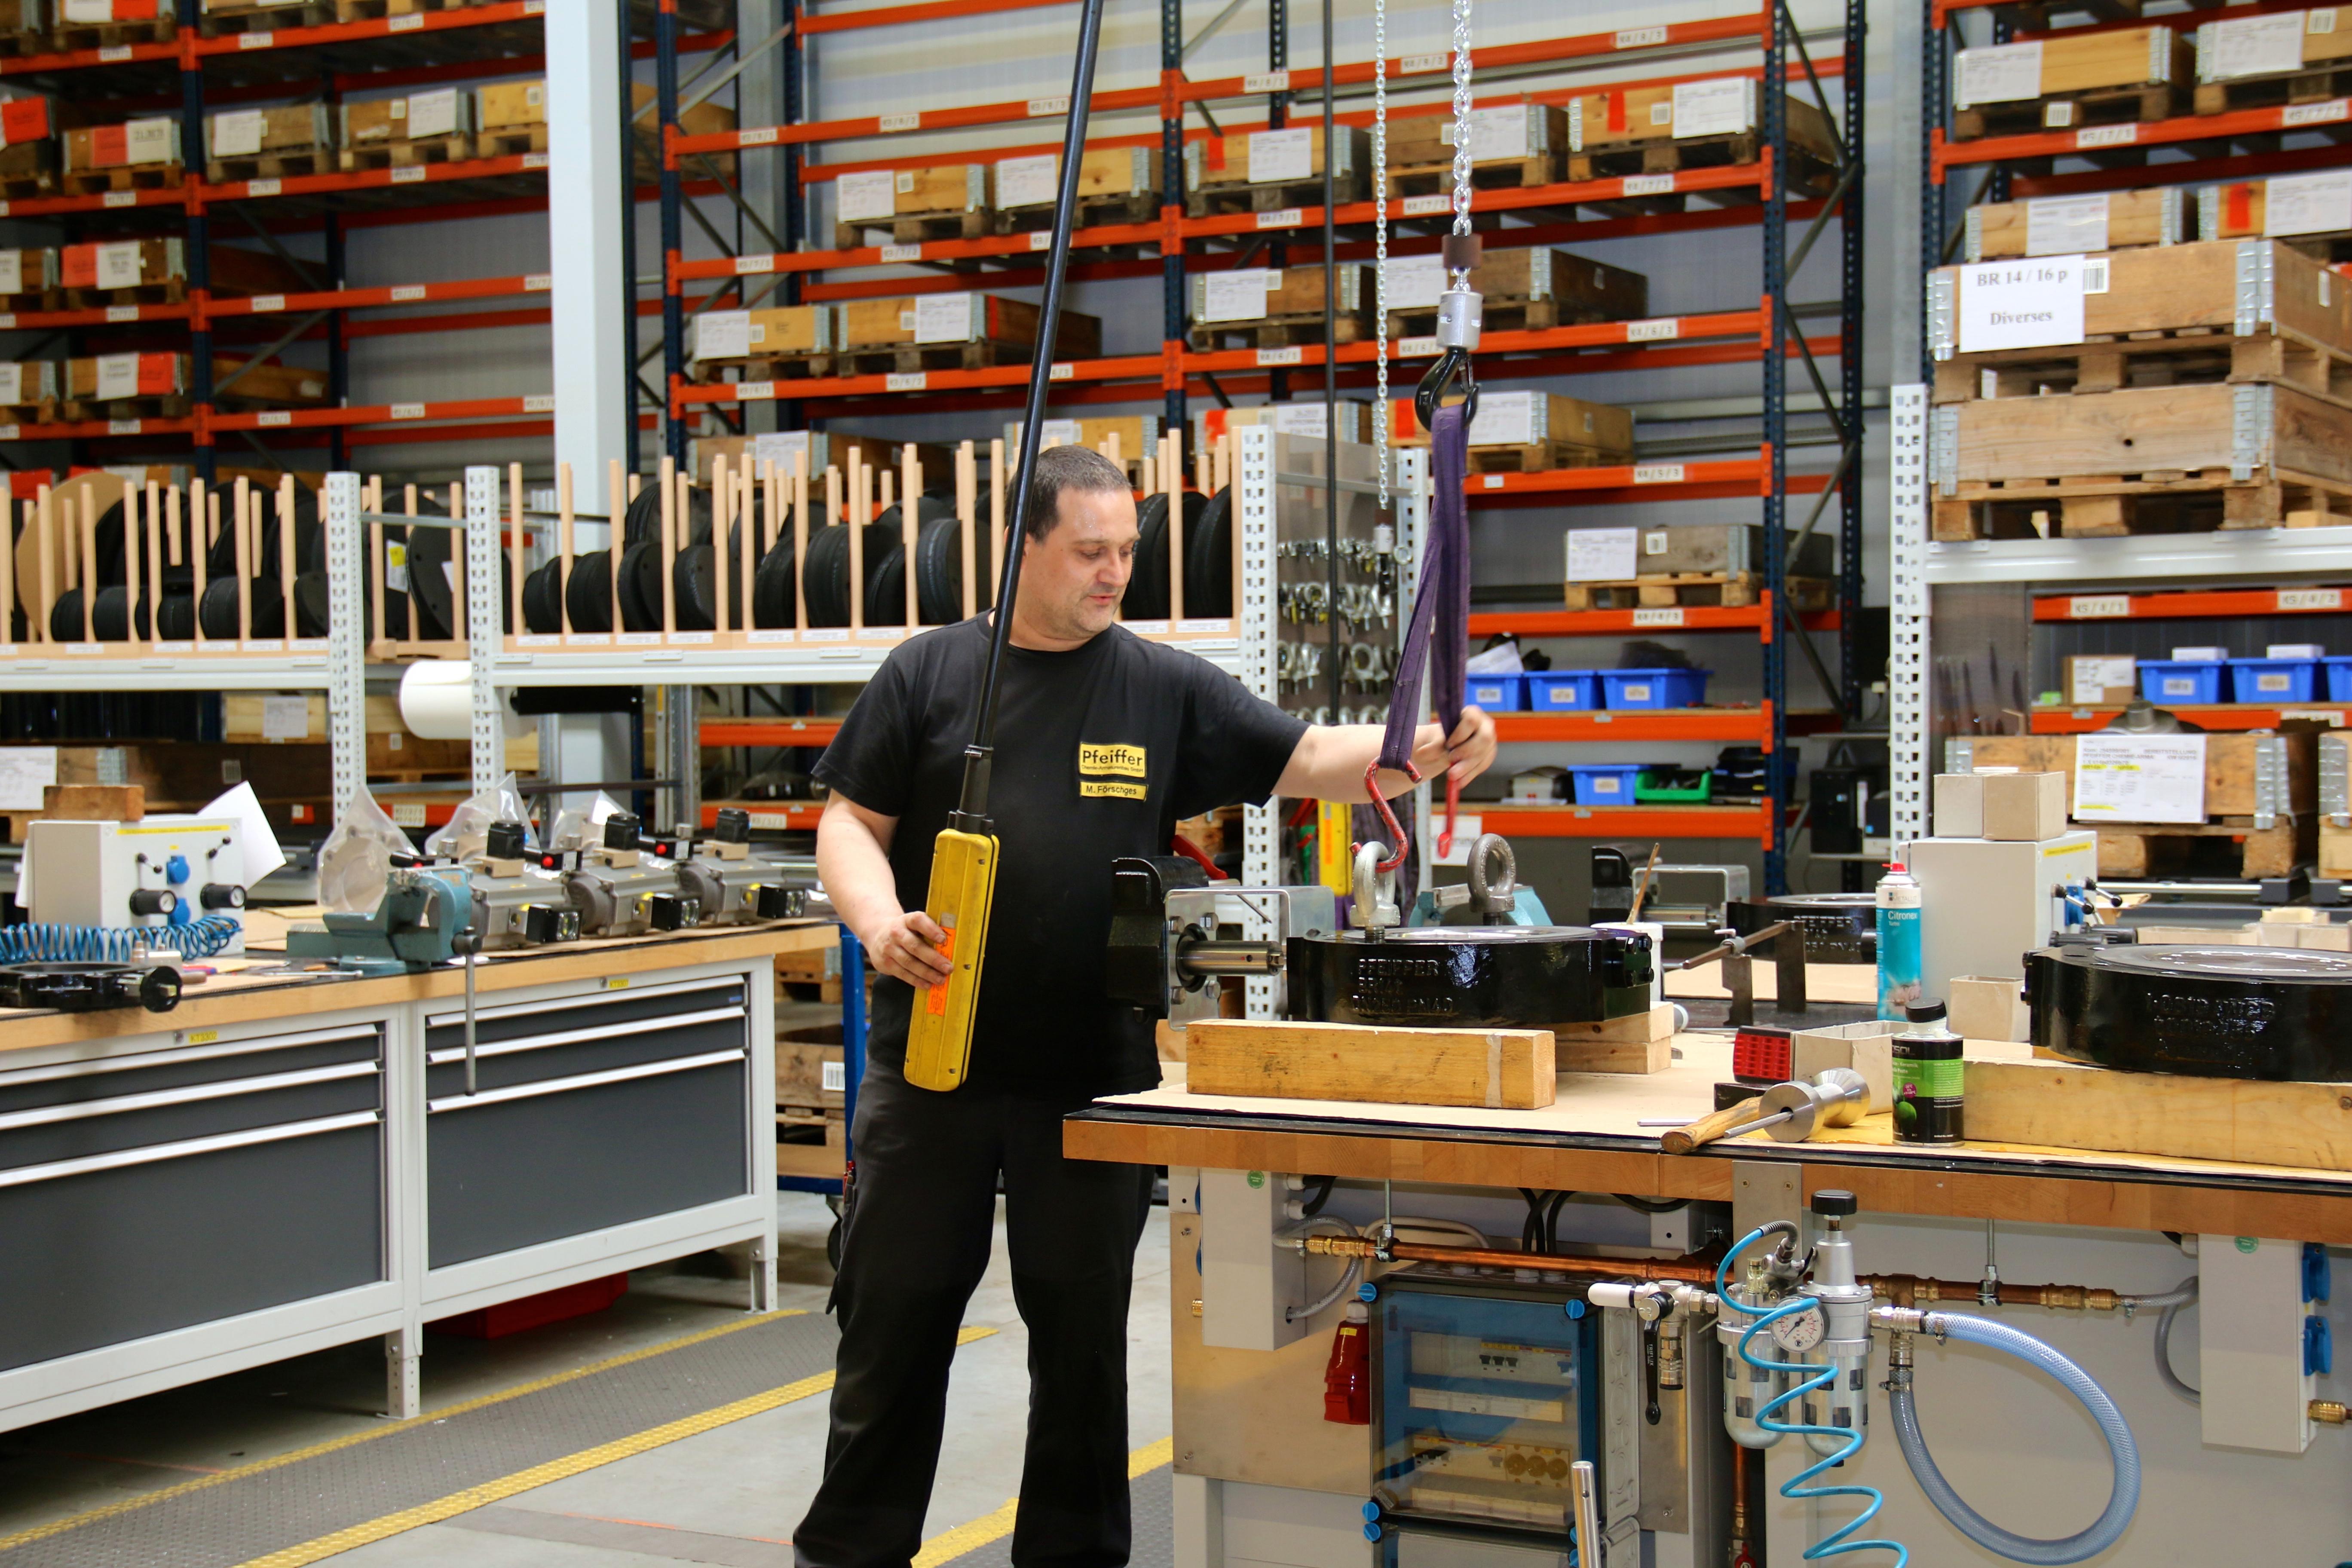 Kranbahnen sind im Montagebereich in allen Achsen elektrisch verfahrbar, die Kettenzüge sind  elektrisch angetrieben und werden per Bedienpanel gesteuert